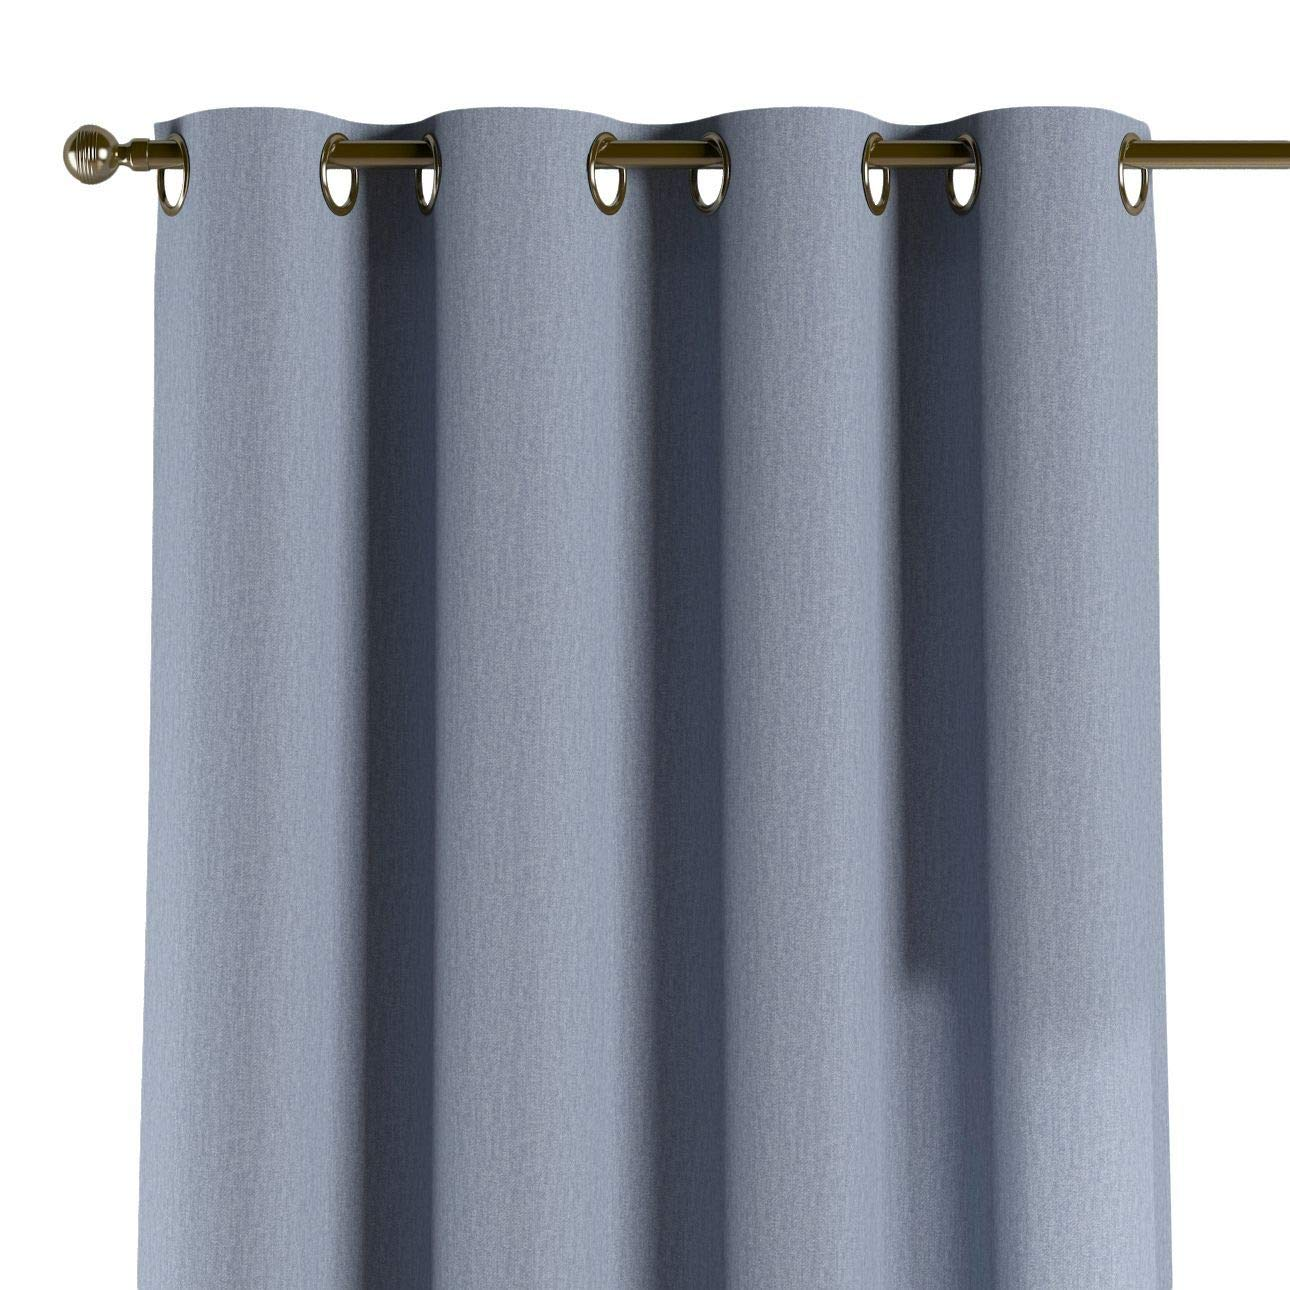 Dekoria Ösenschal Dekoschal Blickdicht 1 Stck. 130 × 260 cm Silber- blau Maßanfertigung möglich